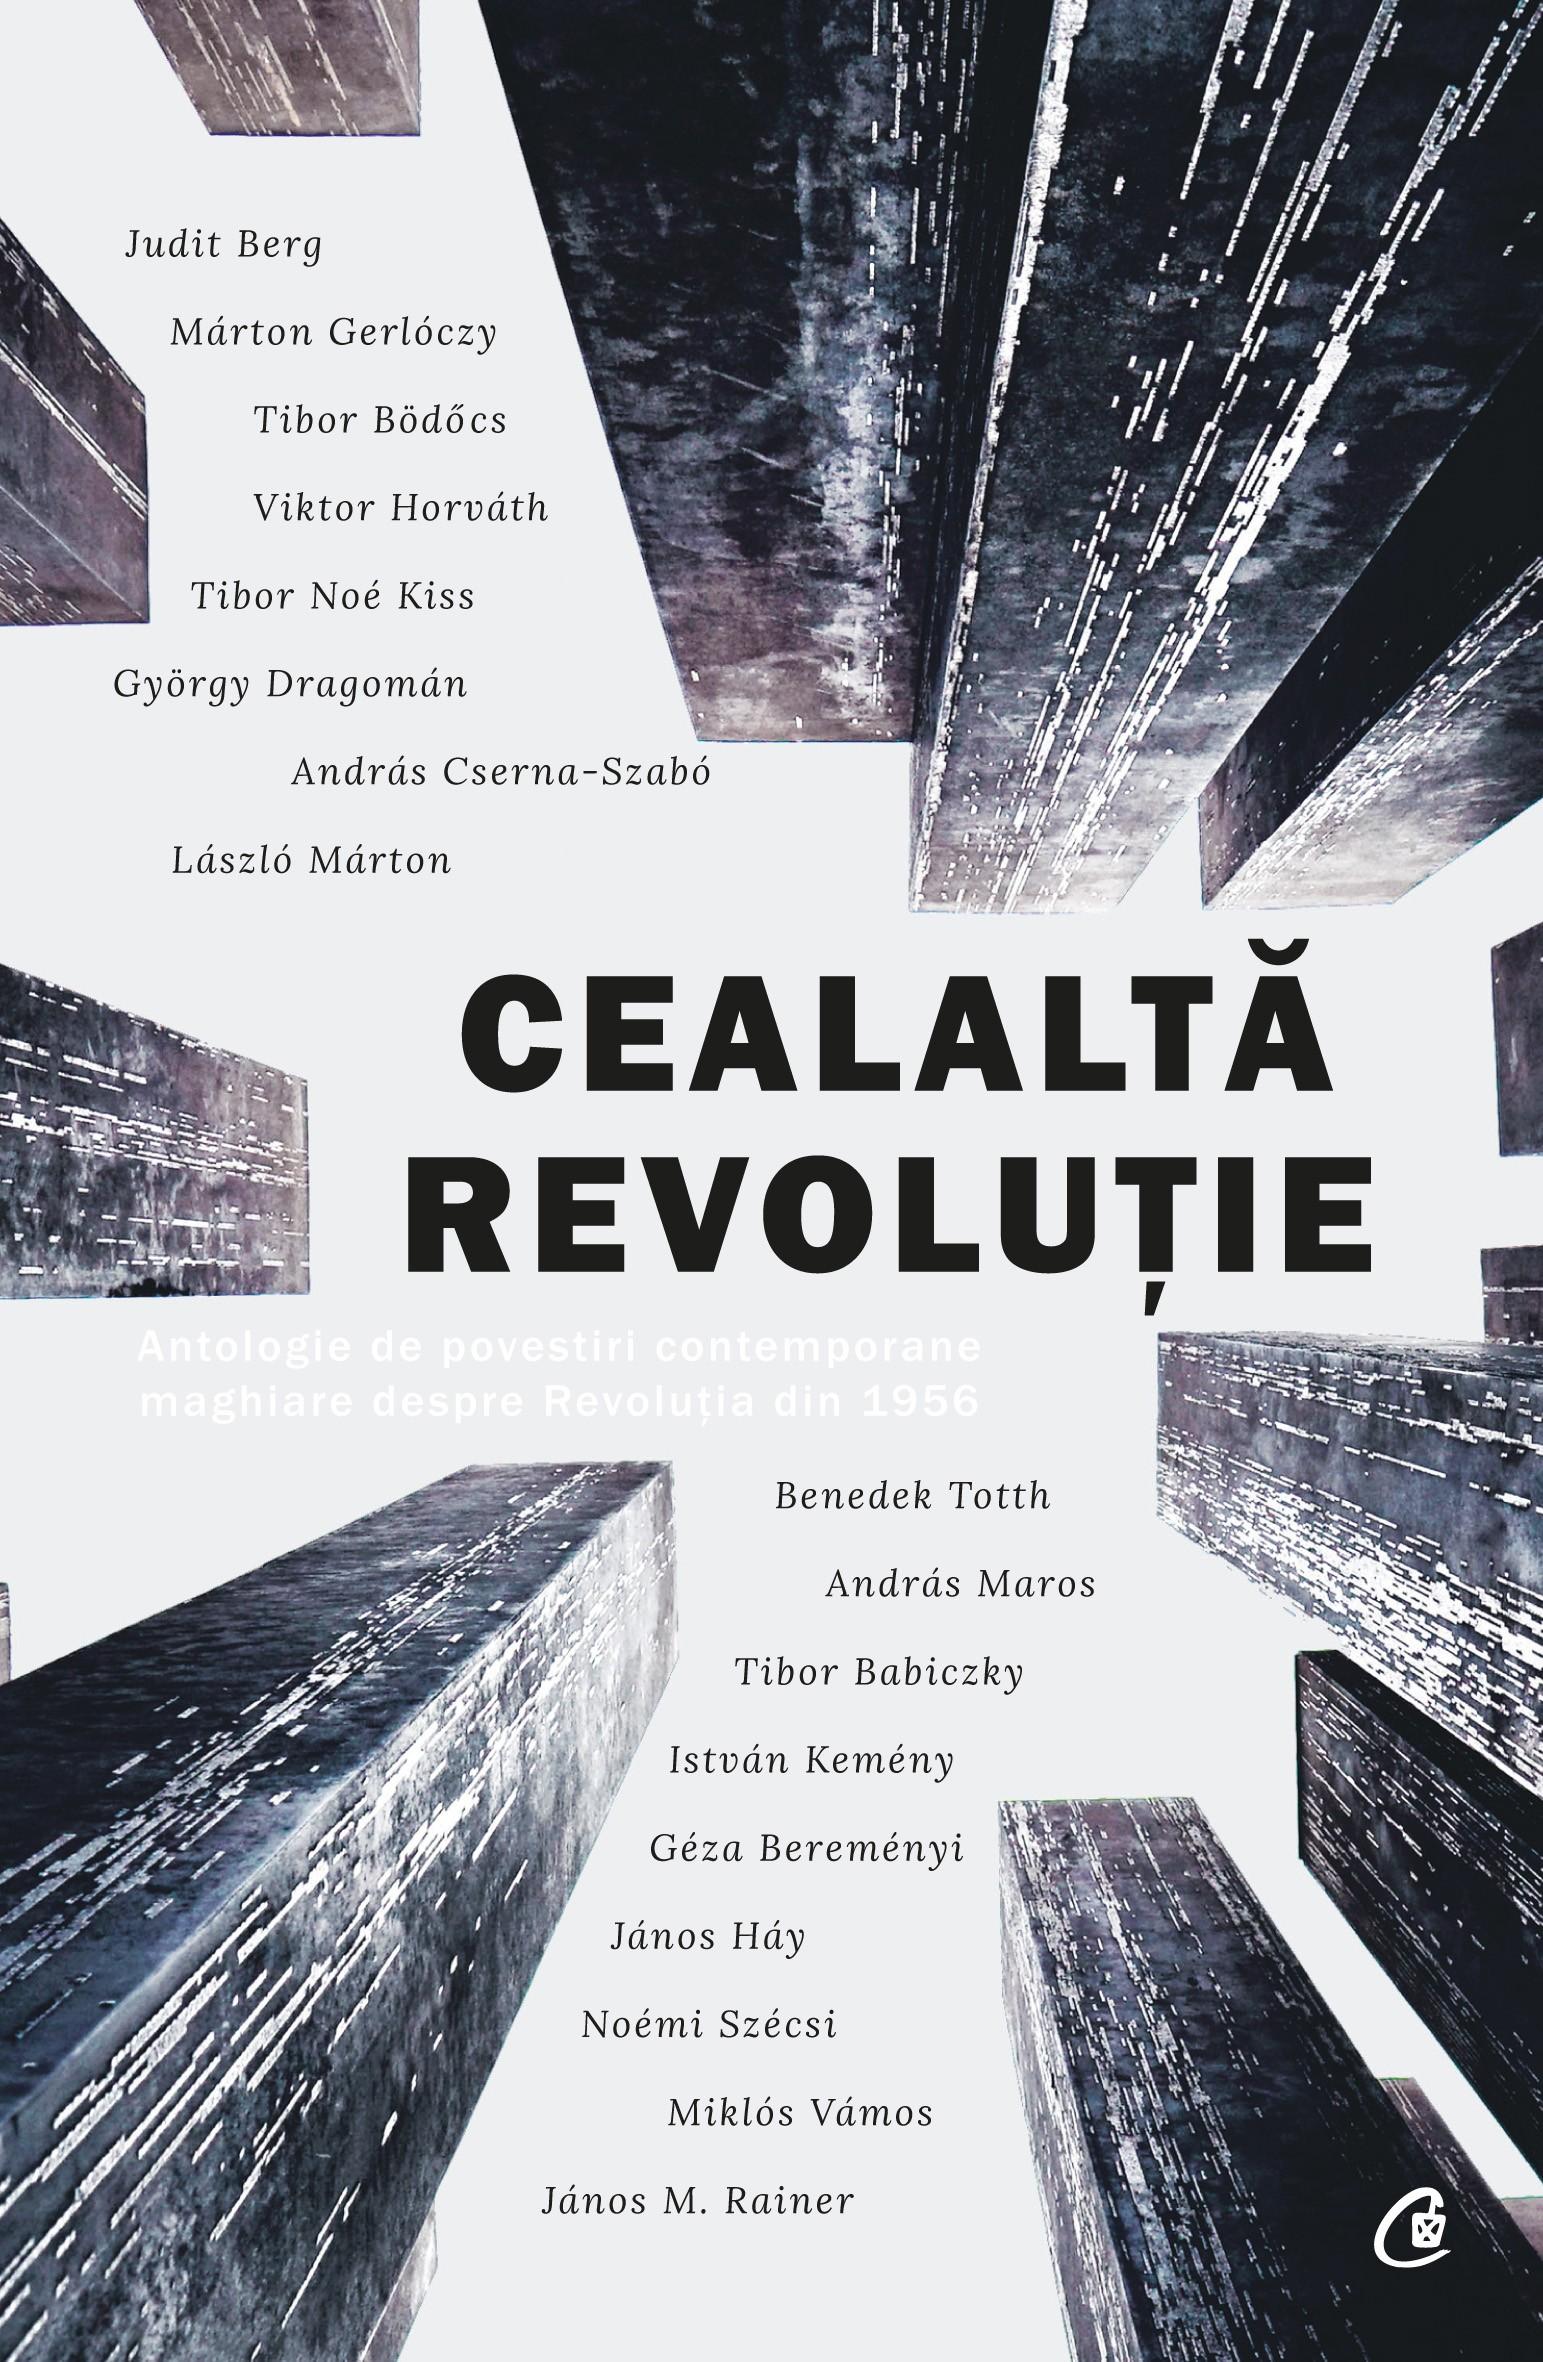 Cealalta revolutie